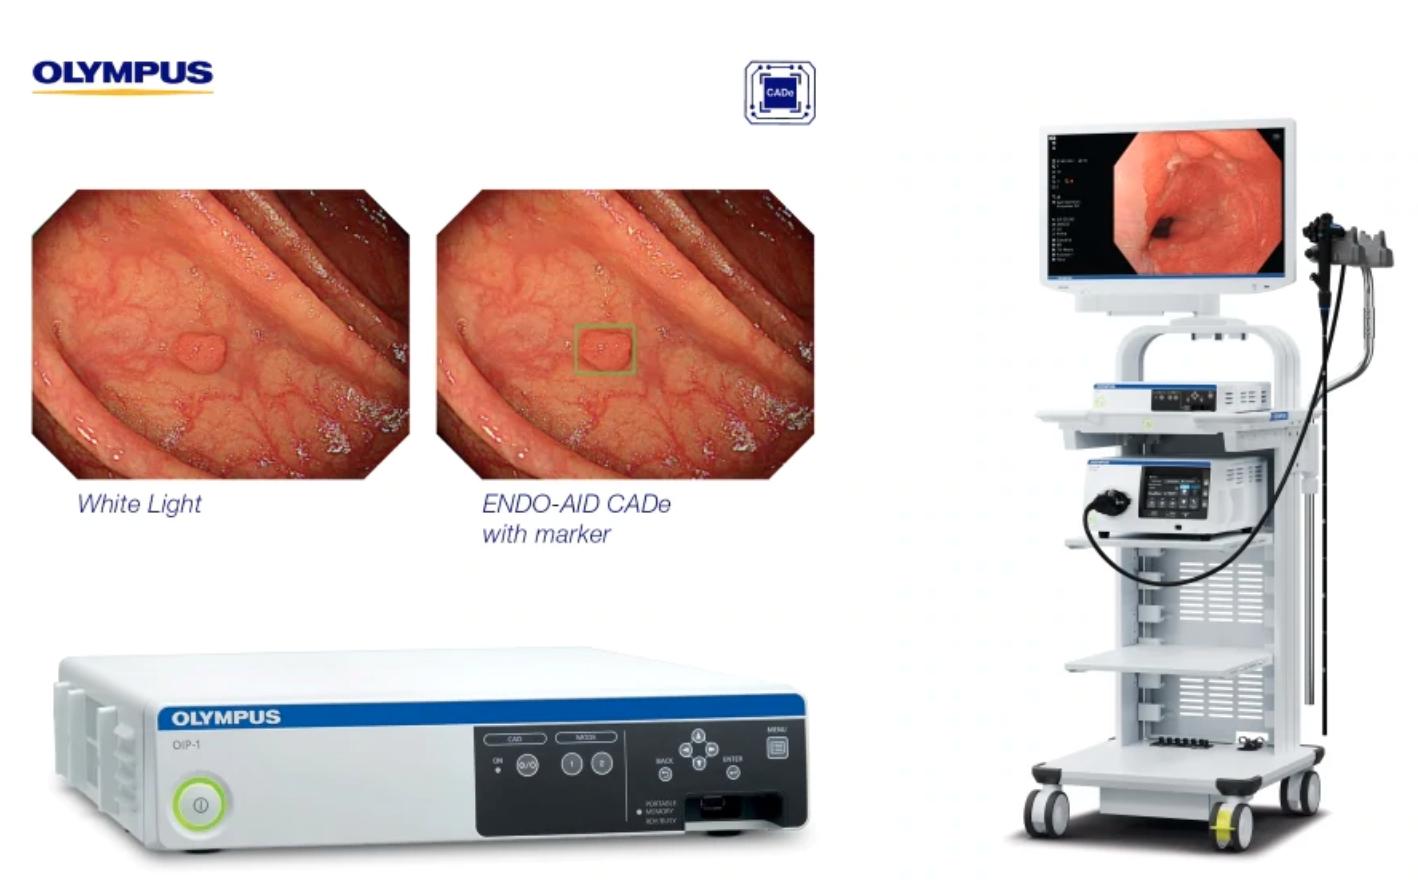 オリンパス、AI内視鏡CADプラットフォーム 欧州・アジアで導入へ